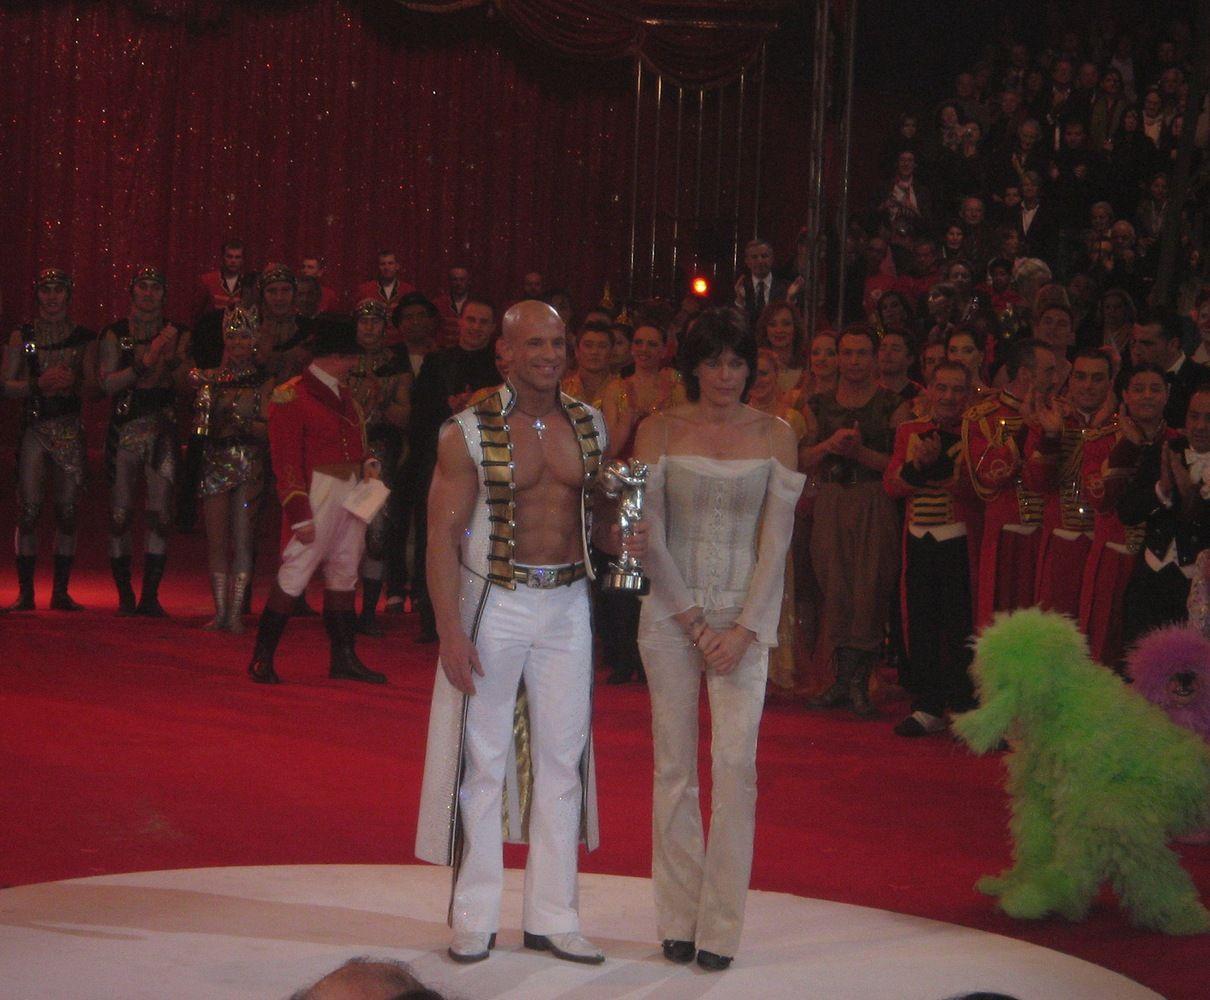 Stefania w swoim żywiole - z laureatem Srebrnego Klauna na Międzynarodowym Festiwalu Sztuki Cyrkowej w Monte Carlo w 2007 roku (Encho Keryazov, lic. CC BY-SA 3.0).